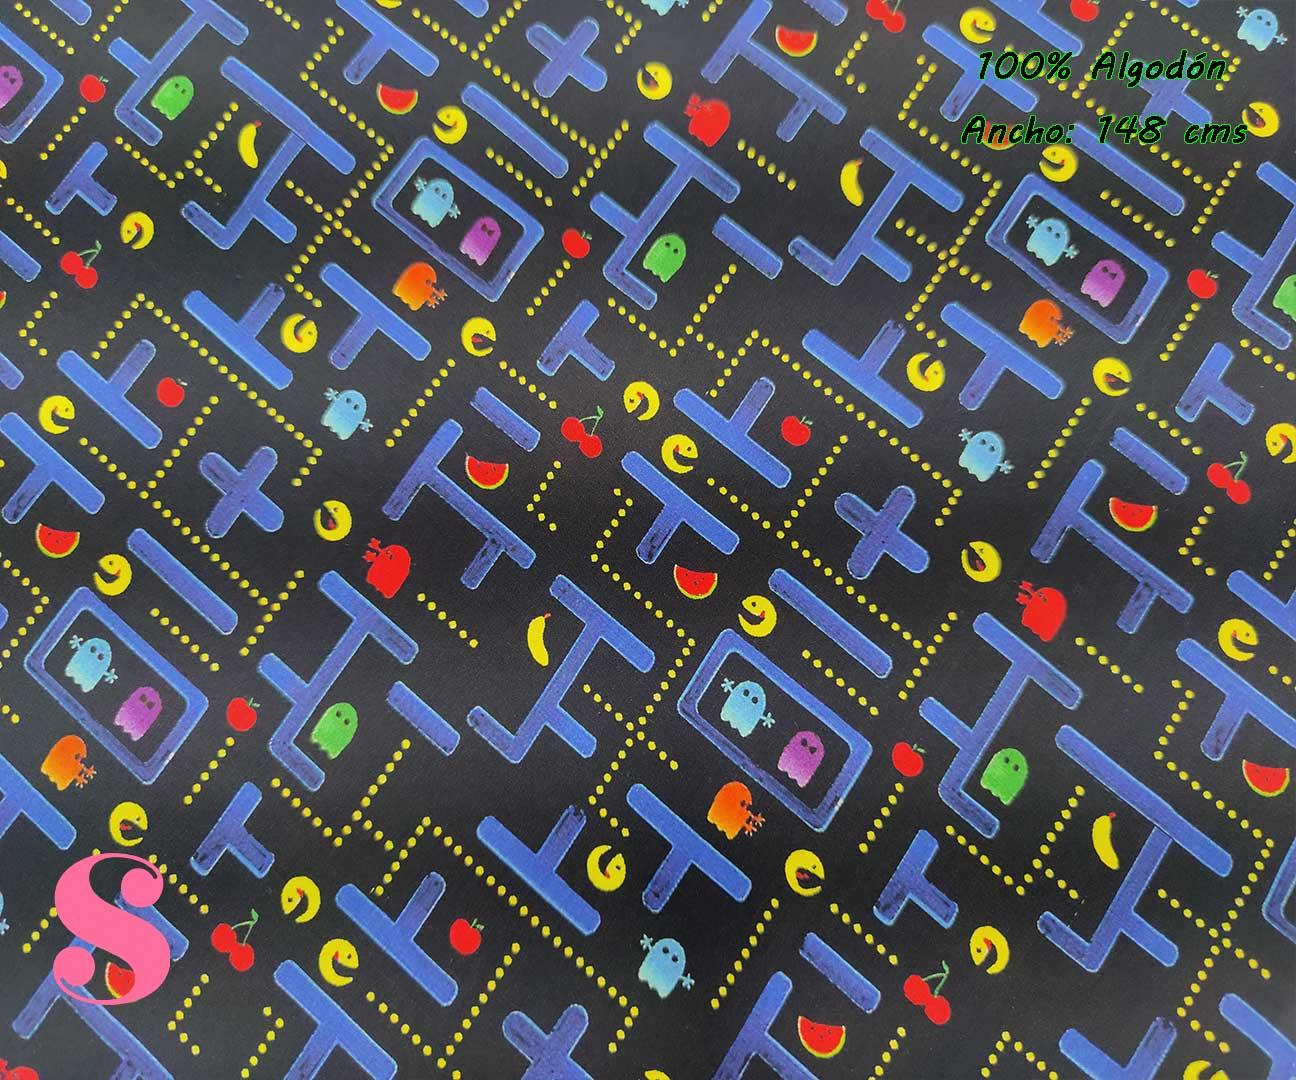 654-telas-frikis,estampados-frikis,tela-fornite,estampado-pac-man,tejidos-estampados-de-algodon,Tejido Estampado Come-Cocos